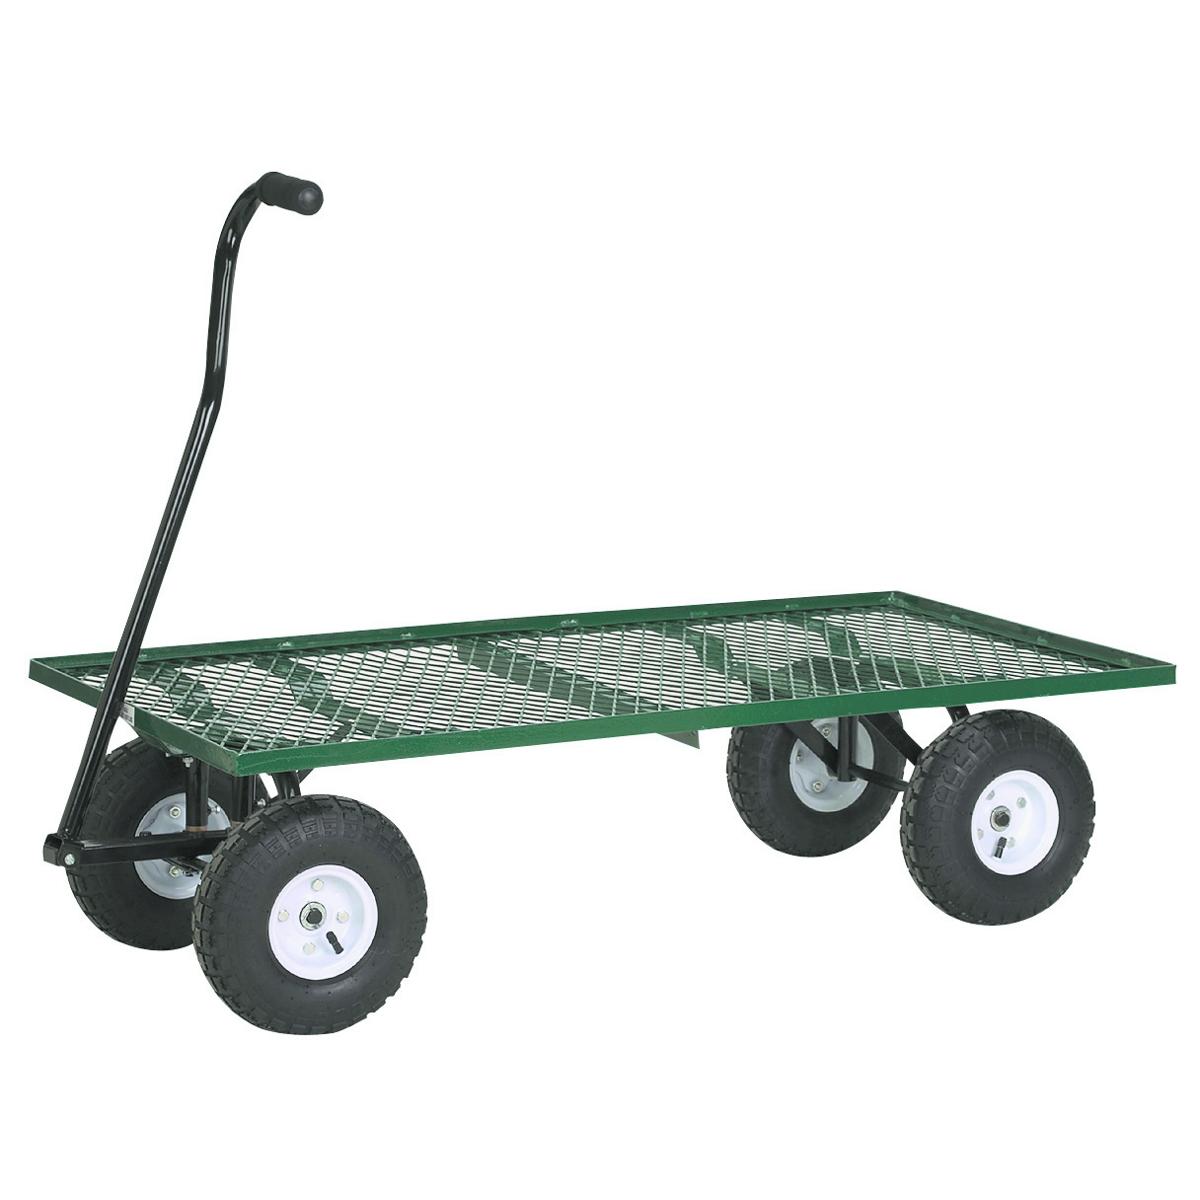 Steel Mesh Deck Utility Wagon